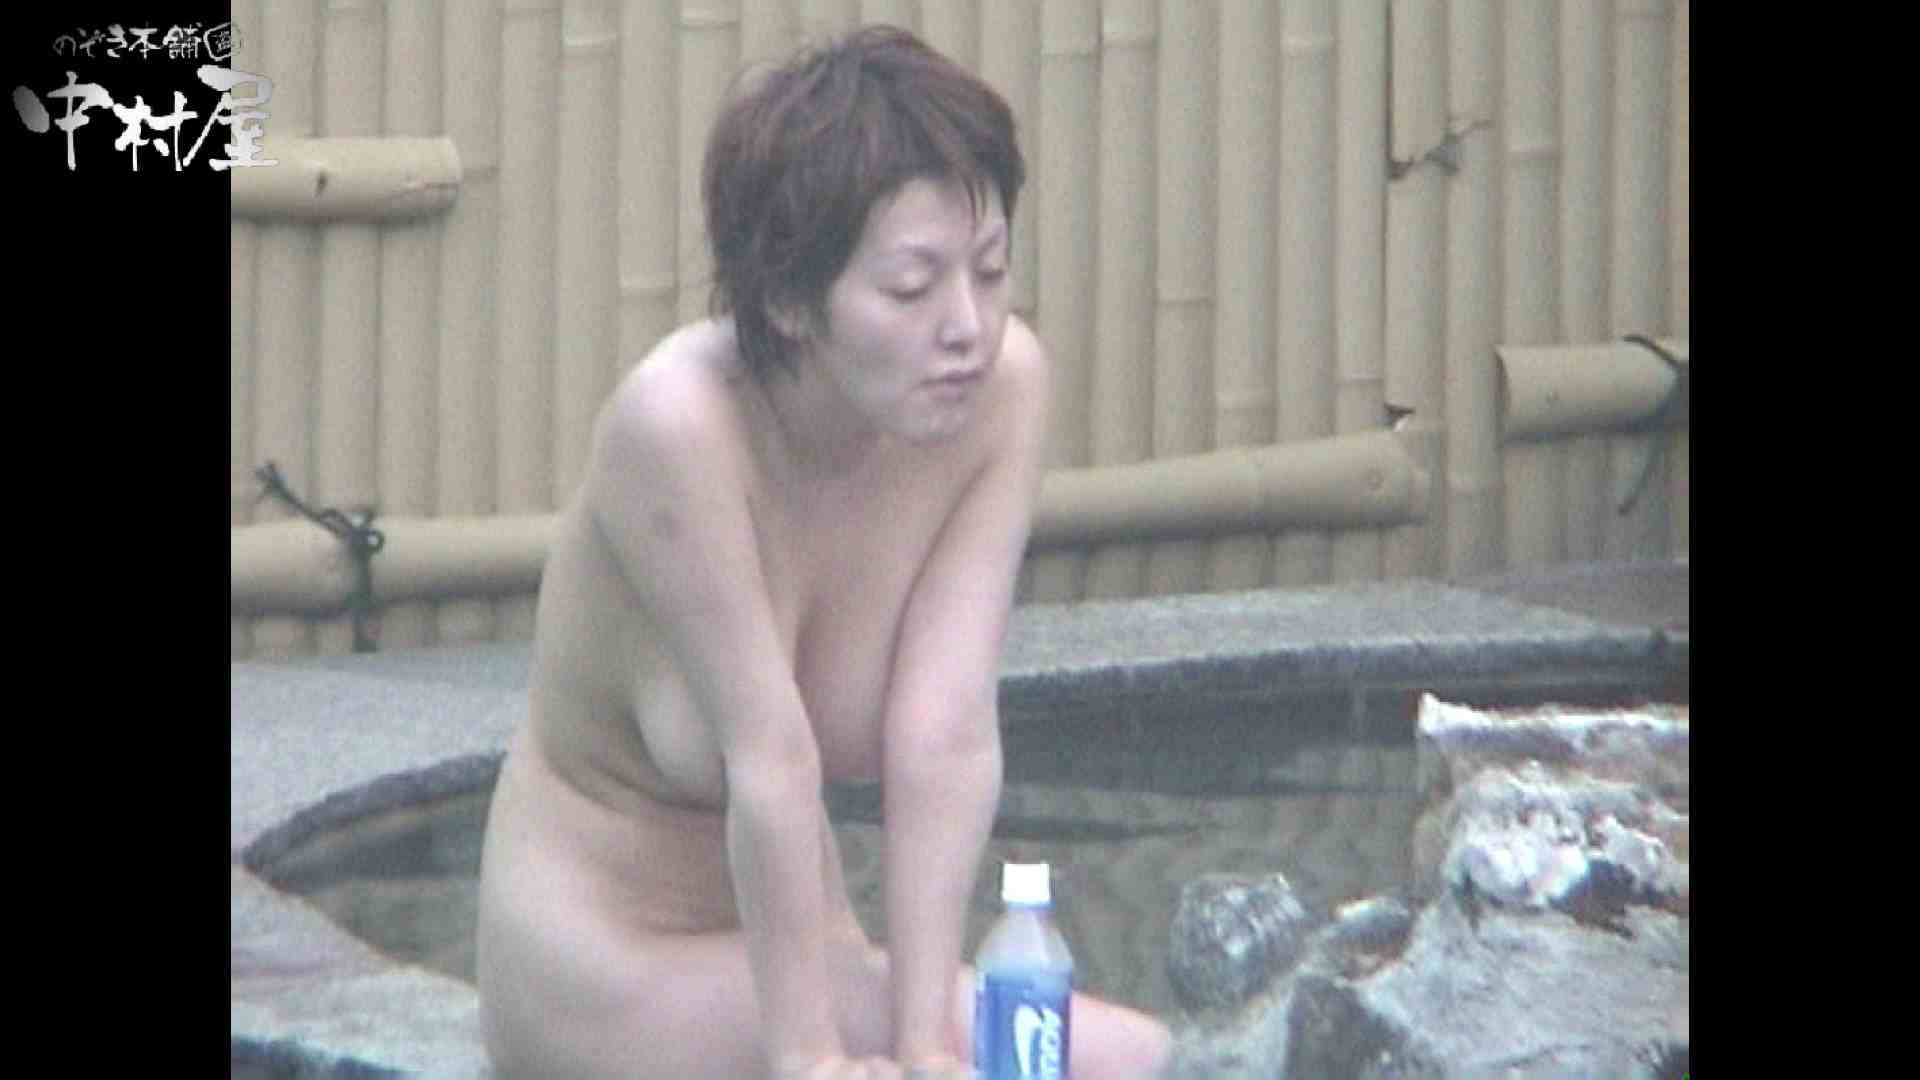 Aquaな露天風呂Vol.959 女体盗撮 | 露天  101連発 79